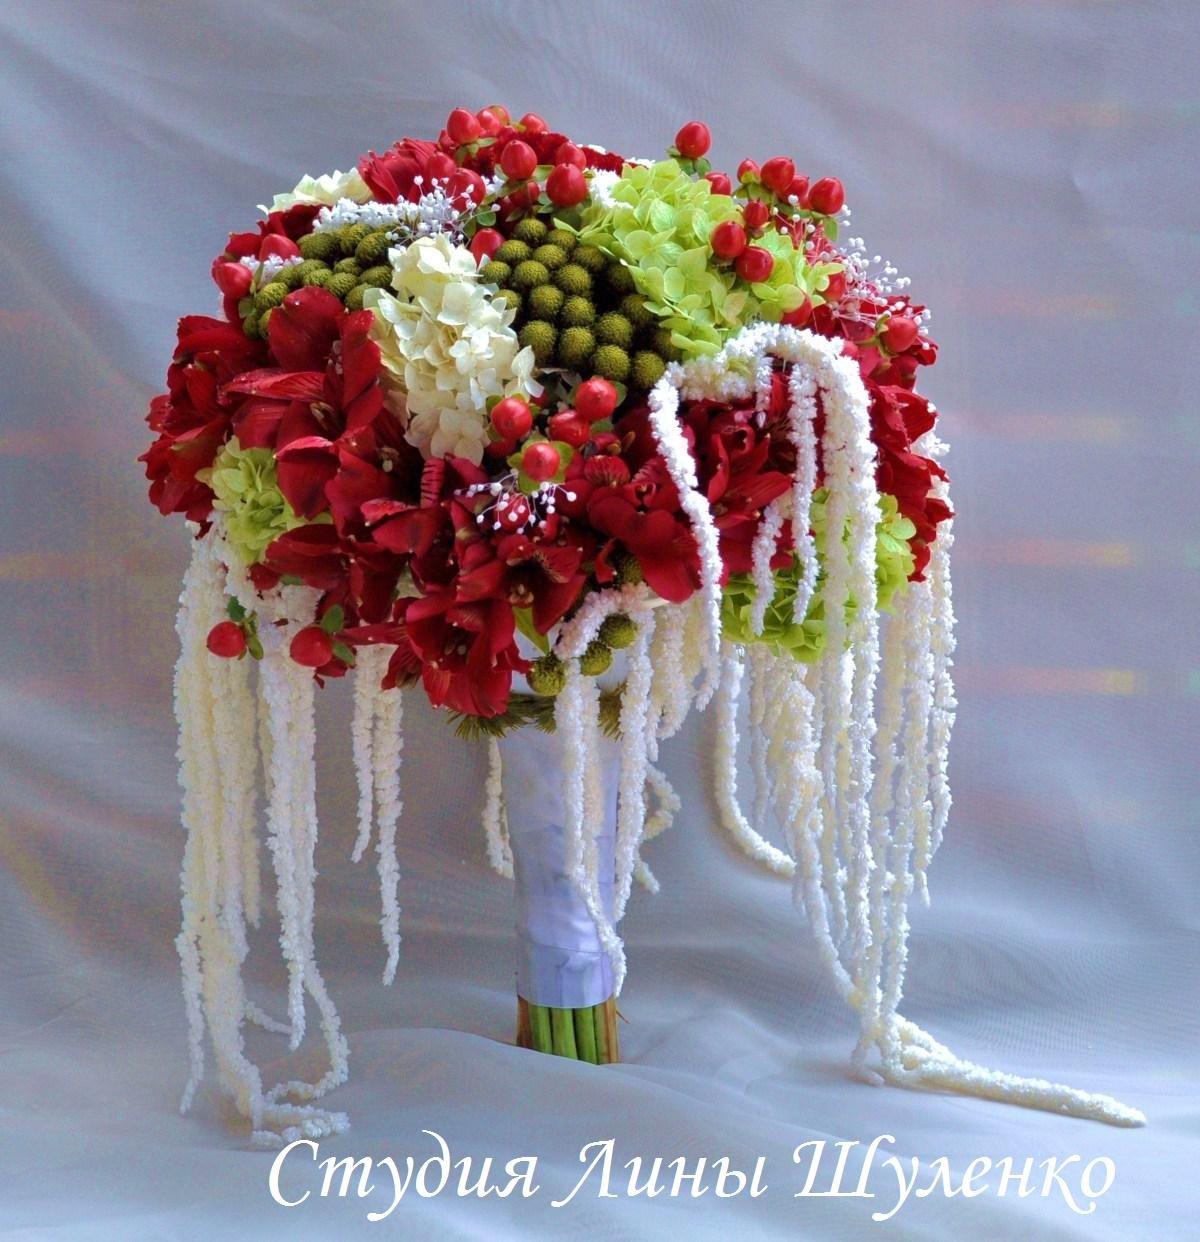 Цветов свадебный букет в симферополе зробити